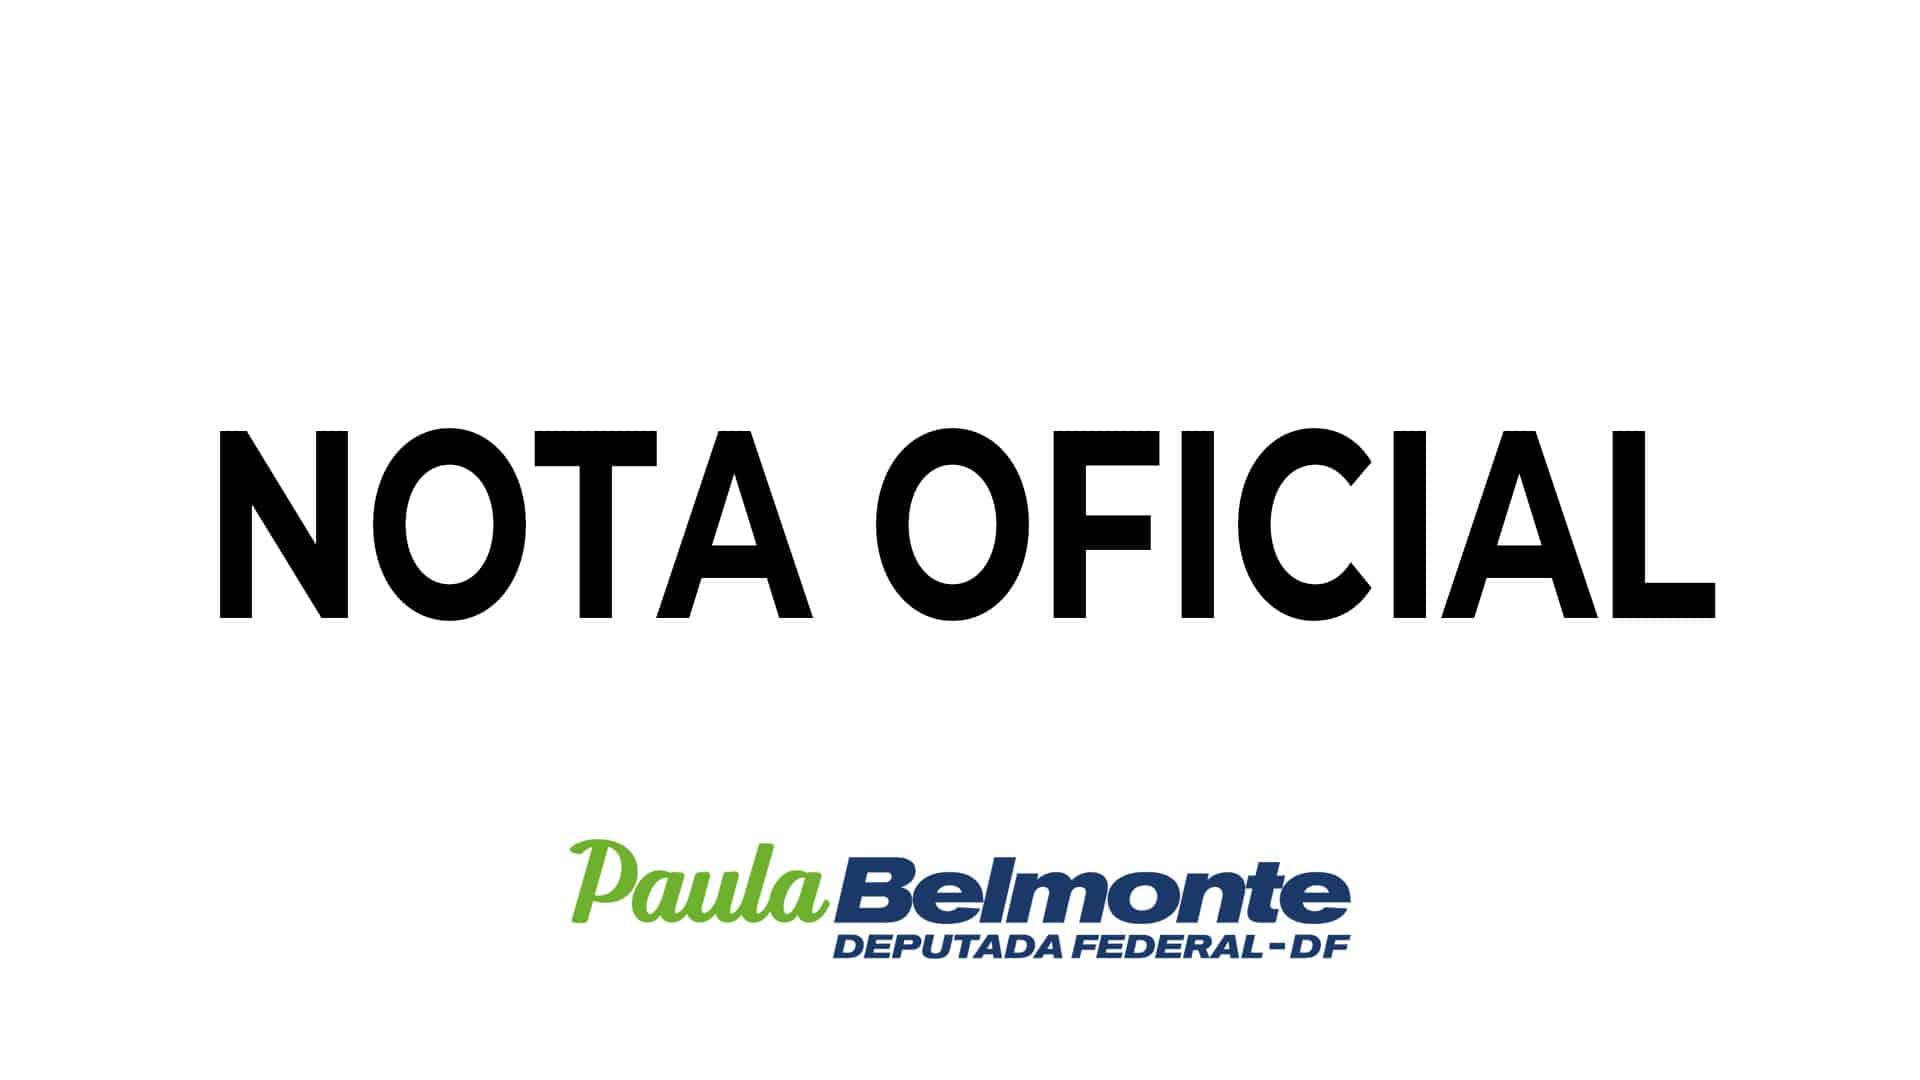 Equipe Paula Belmonte responde agressões sofridas pela deputada nas redes sociais